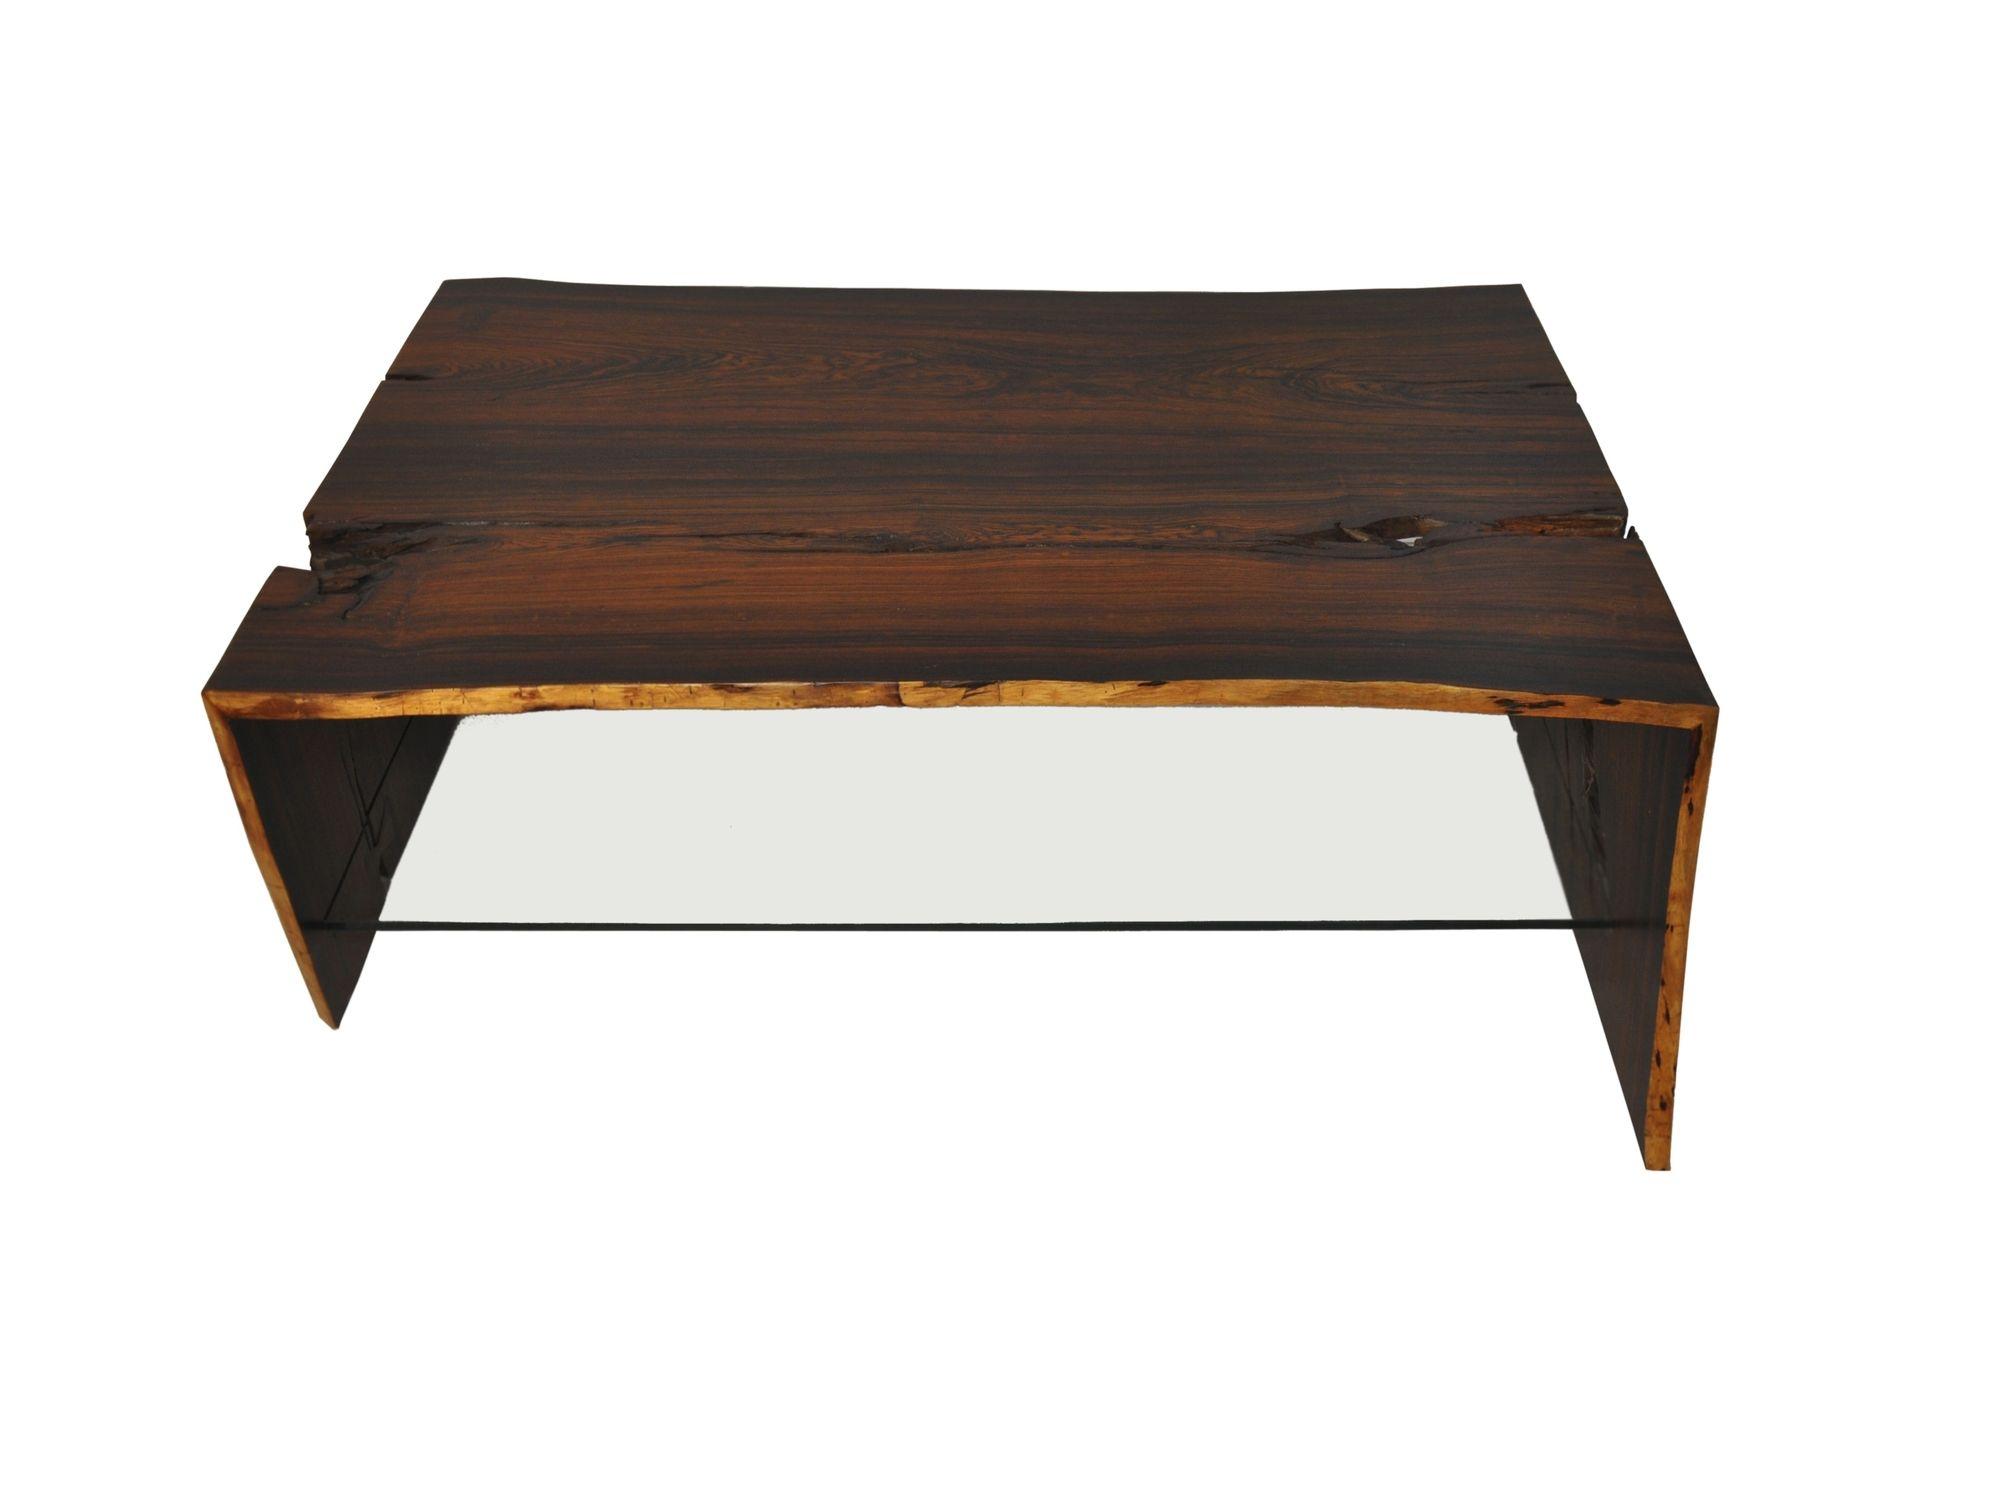 Table basse contemporaine en bois rectangulaire en matériaux